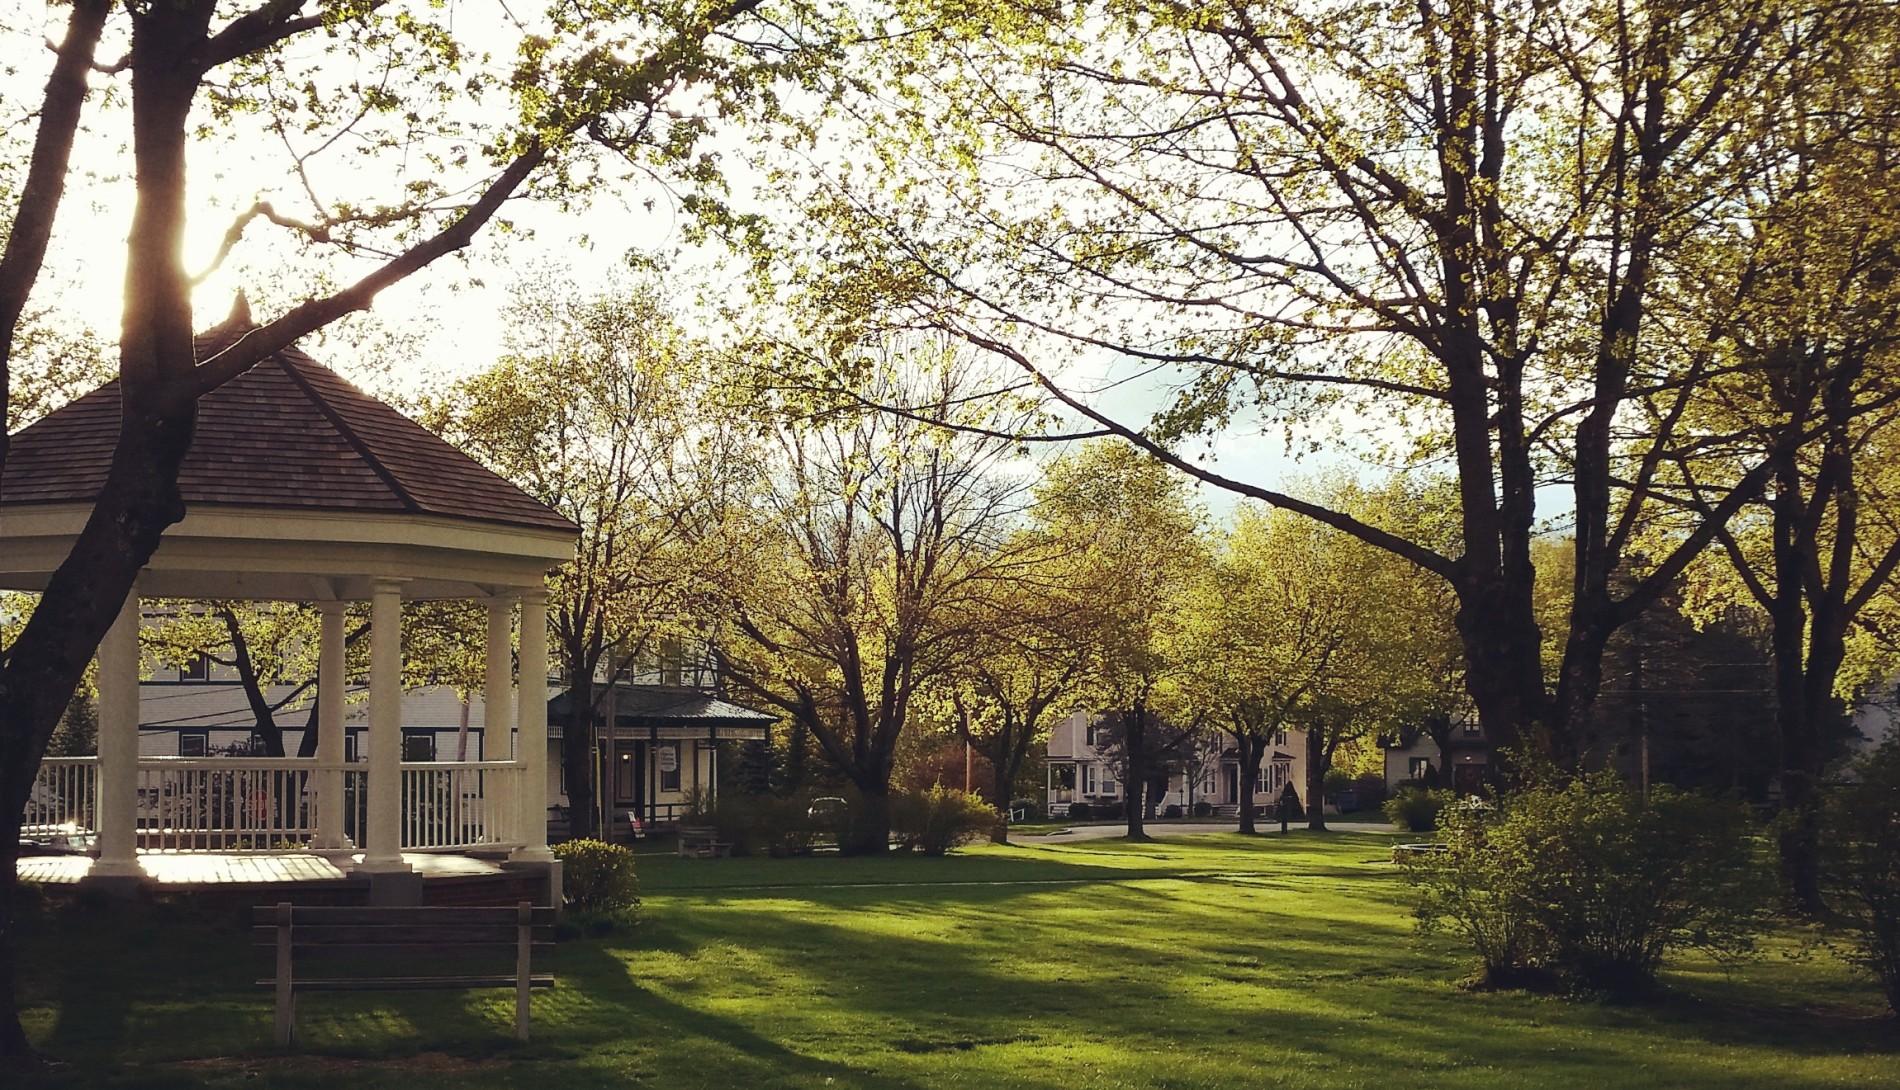 Gazebo-on-Town-Common-in-Spring-Bethel-Maine.jpg